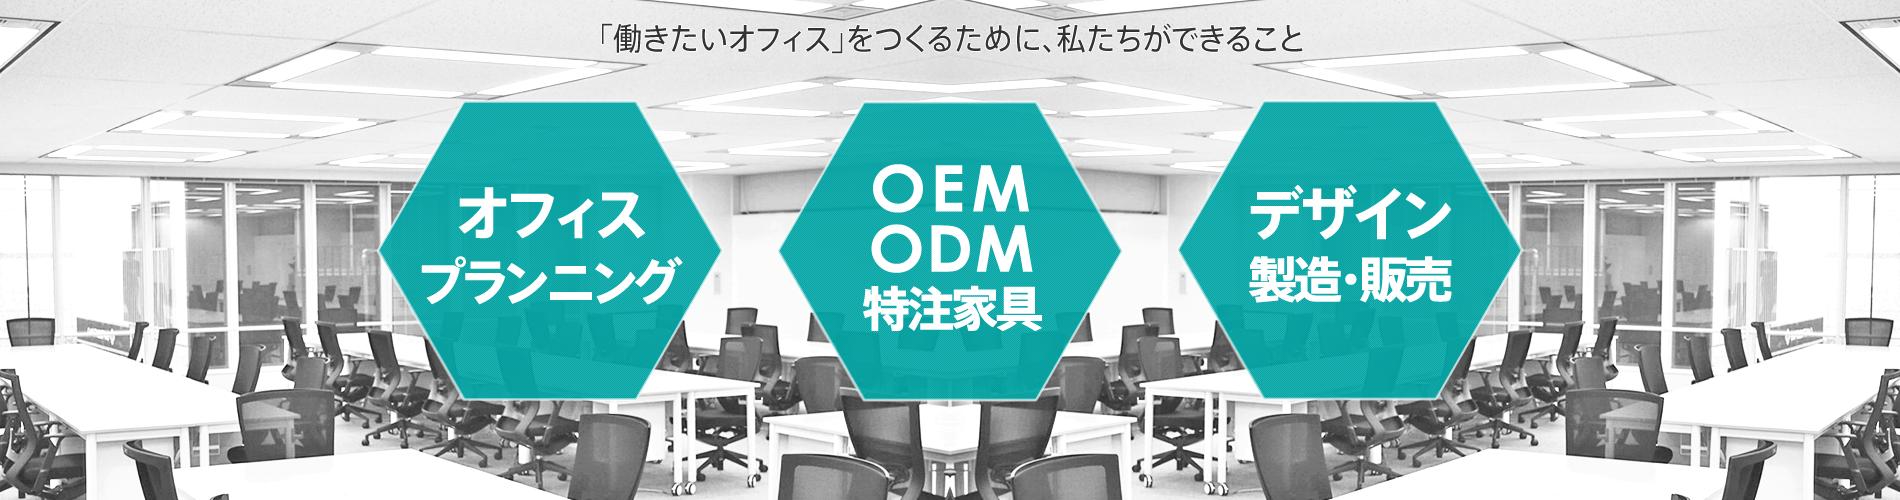 働きたいオフィスをつくるために、私たちができること。オフィスプランニング- OEM・ODM - デザイン・製造・販売